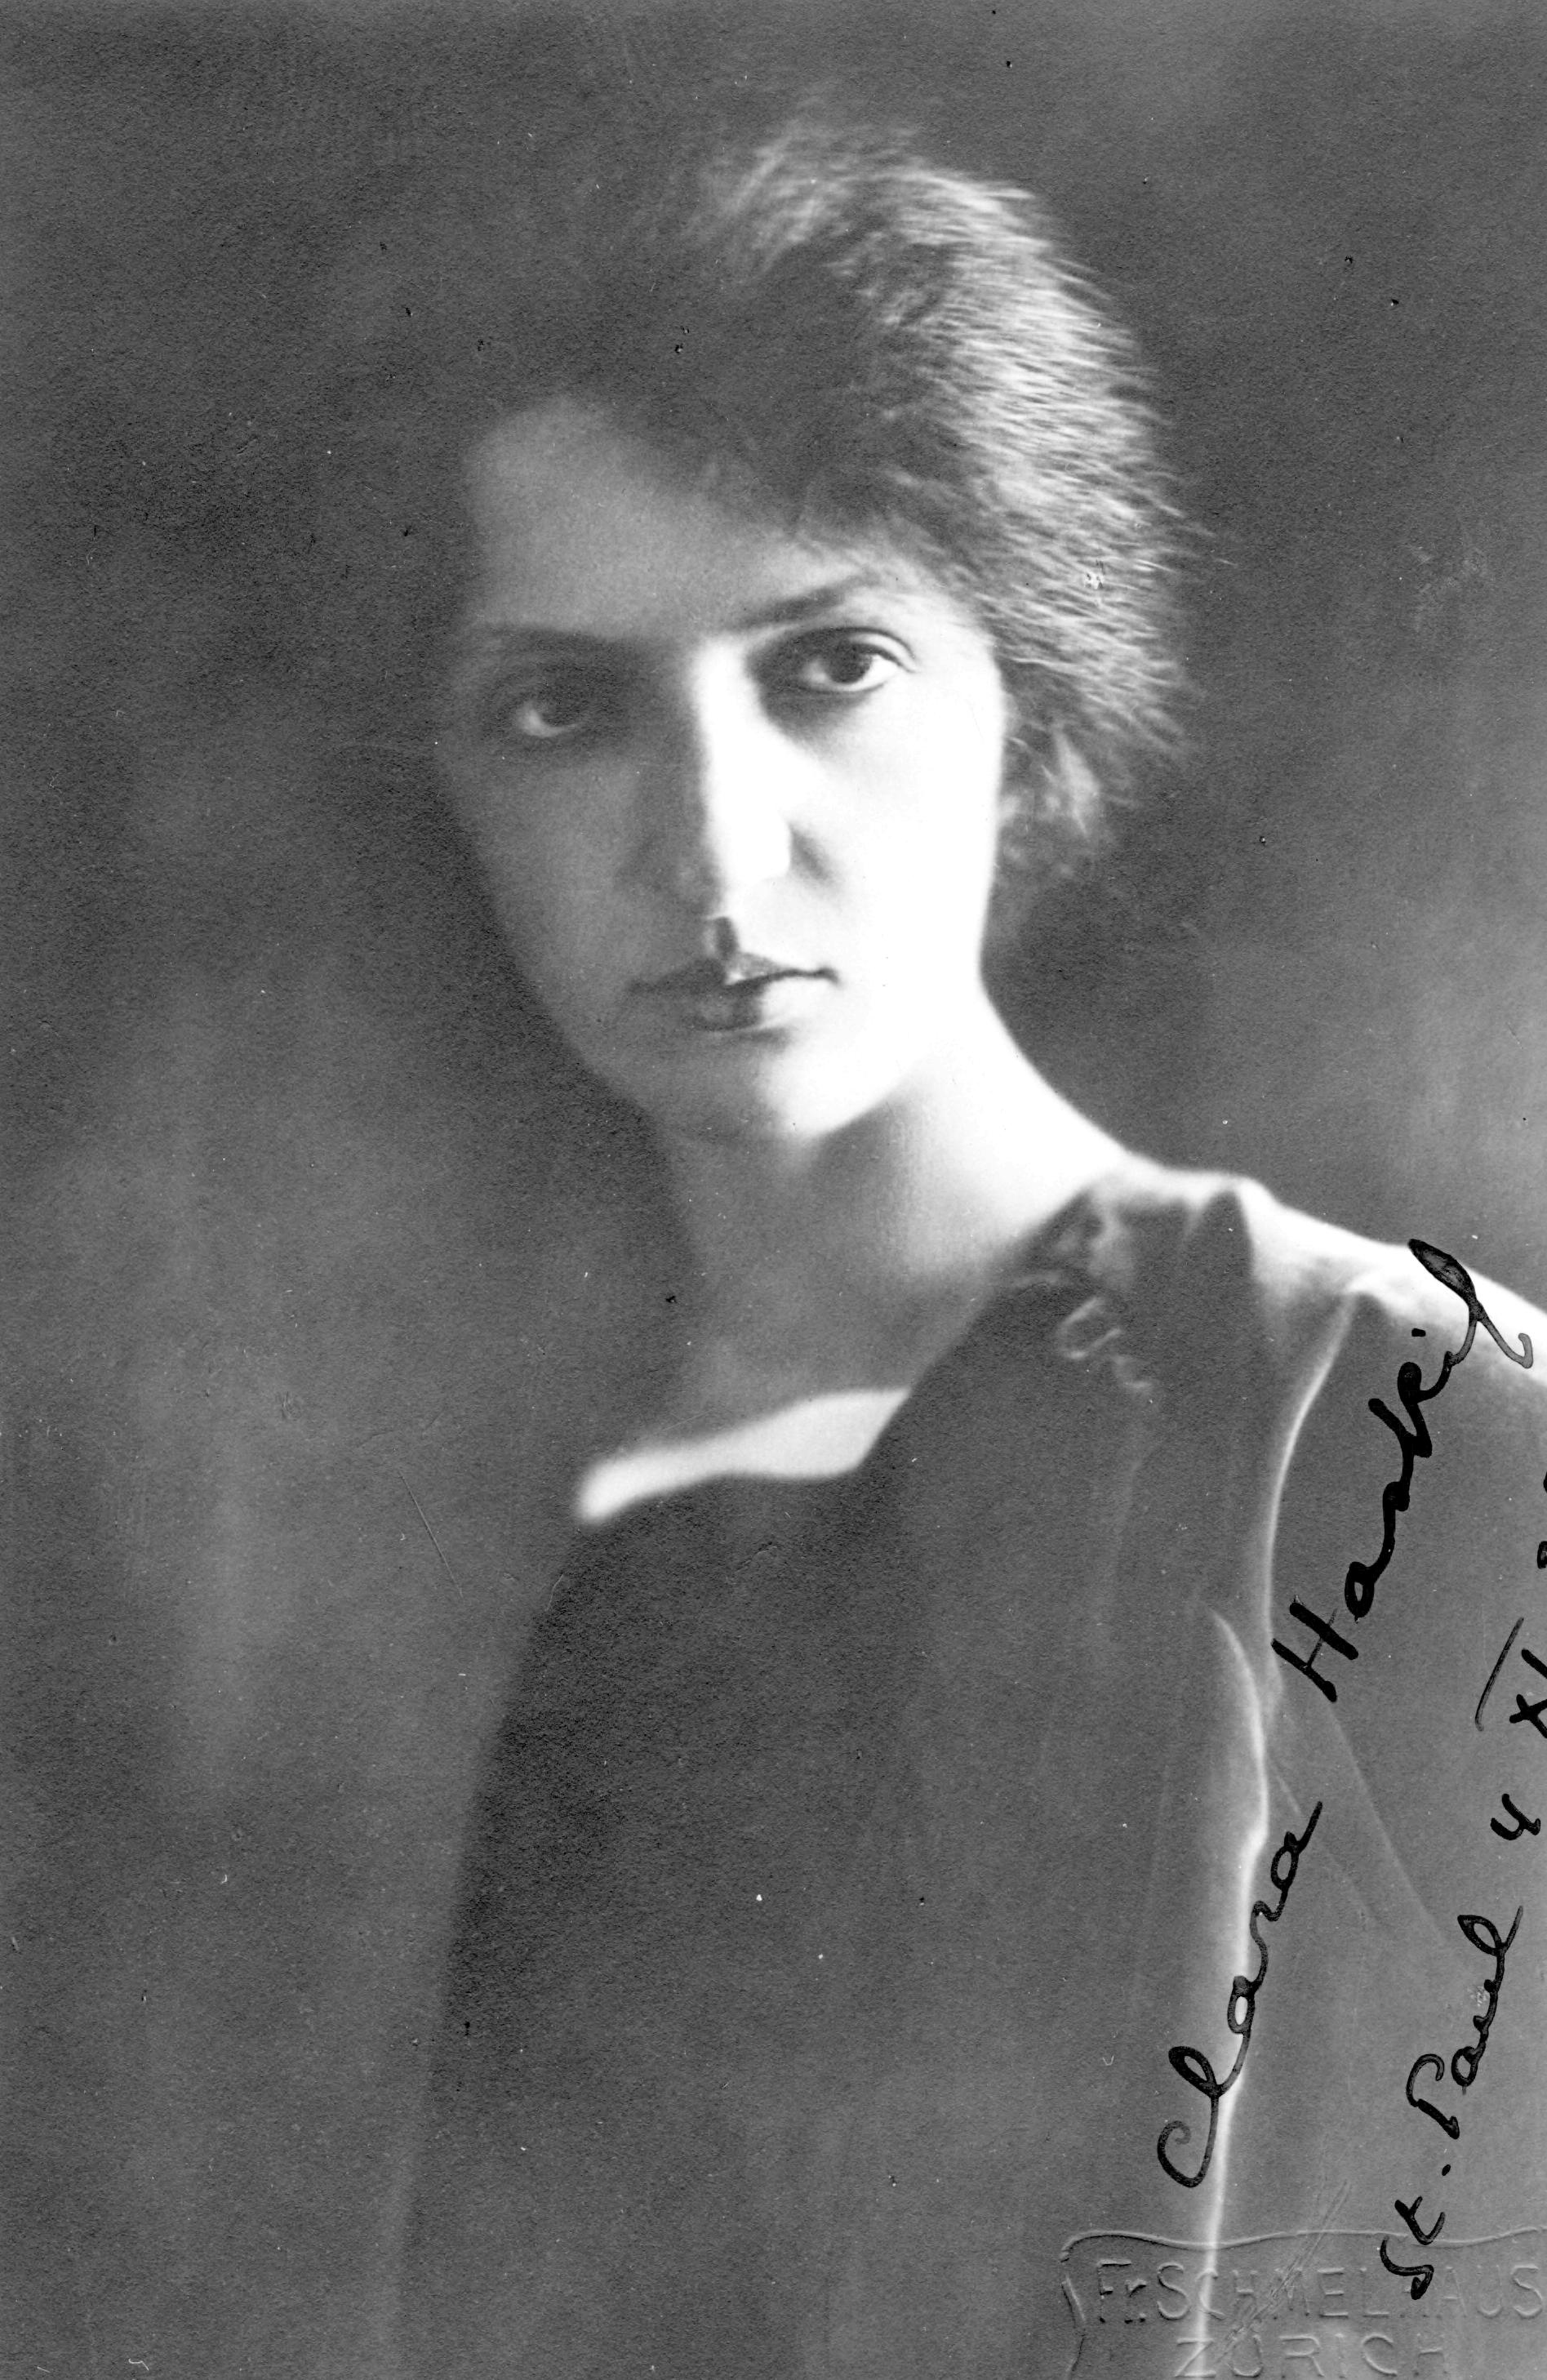 La jeune Clara HASKIL, probablement dans les années 1940 (après qu'elle se soit réfugiée en Suisse), le photographe «Fr.Schmelhaus Zürich» (signature en relief au bas de la photo, à droite) ayant été actif jusque vers 1947, cliquer pour une vue agrandie